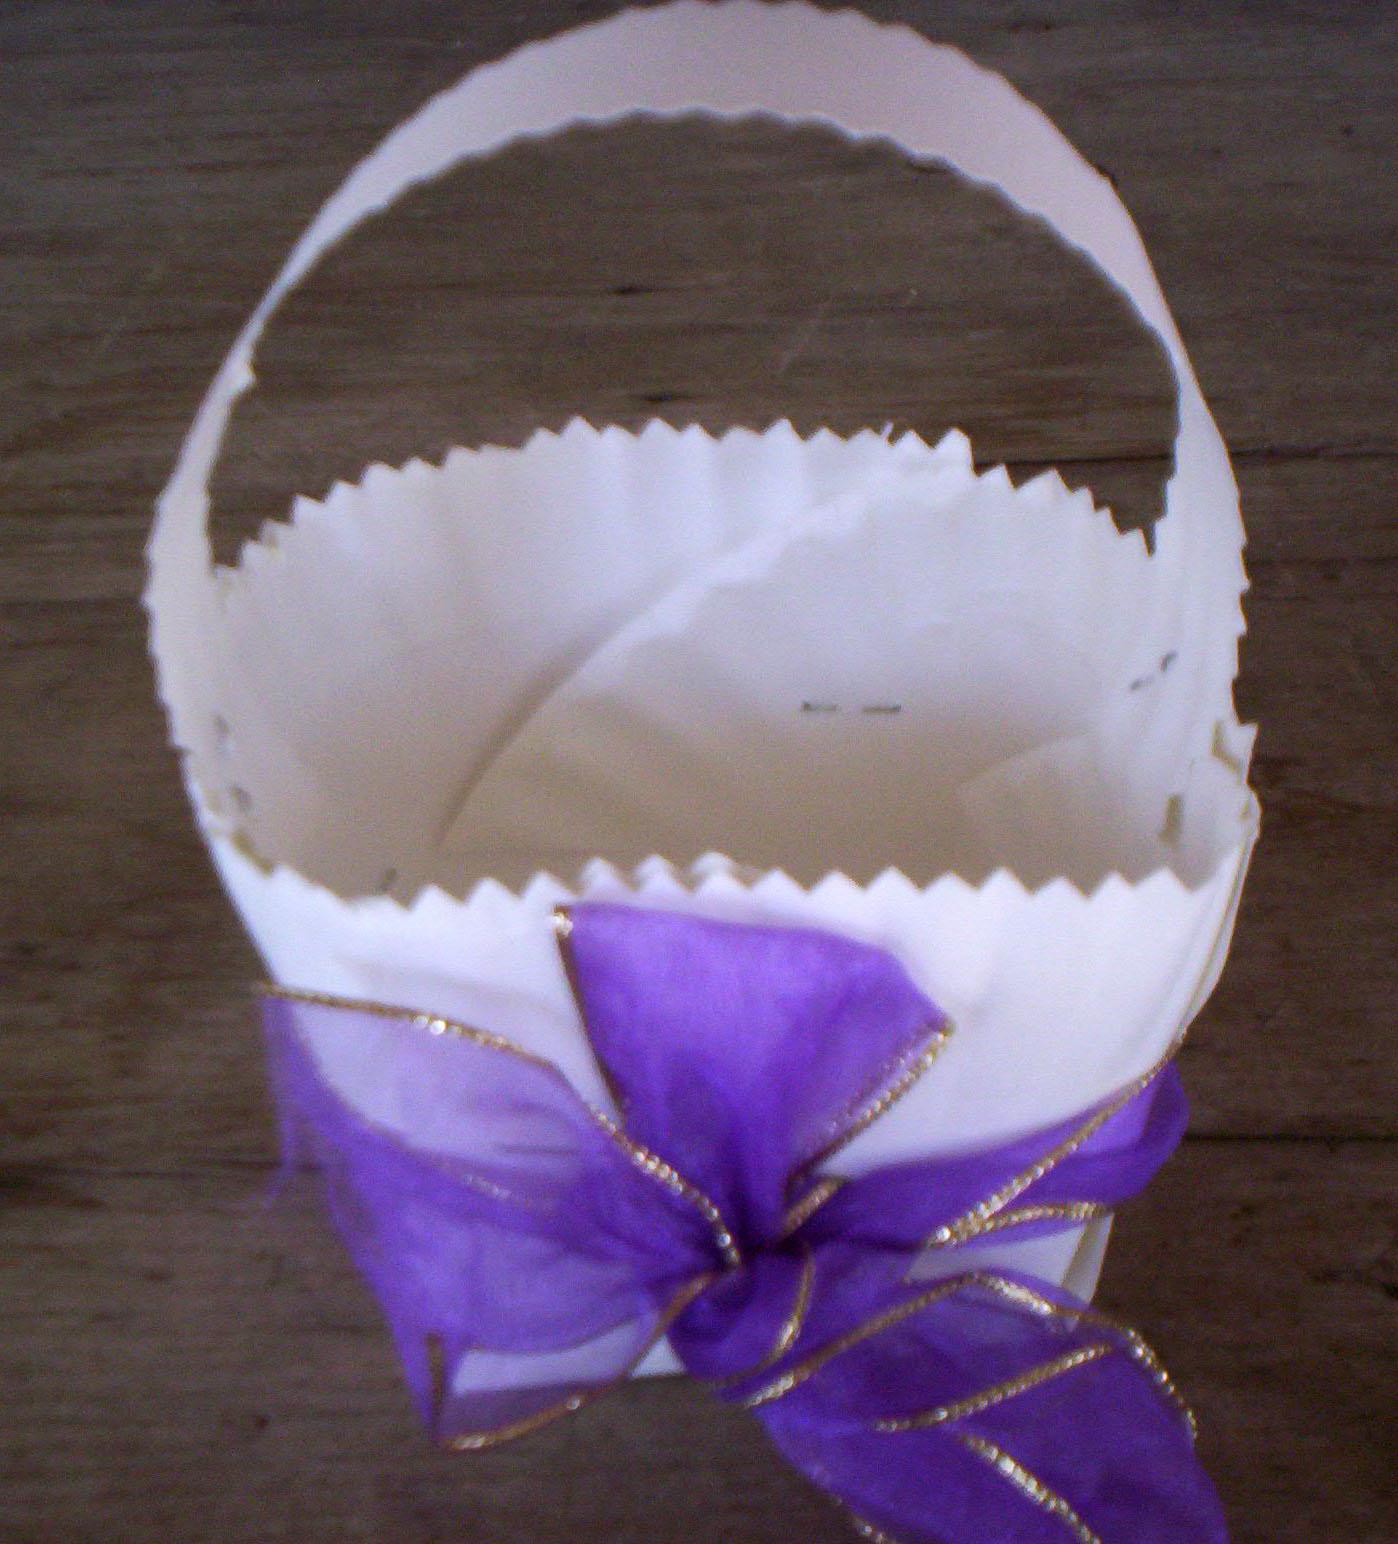 Paper Plate Easter Basket: Step 7